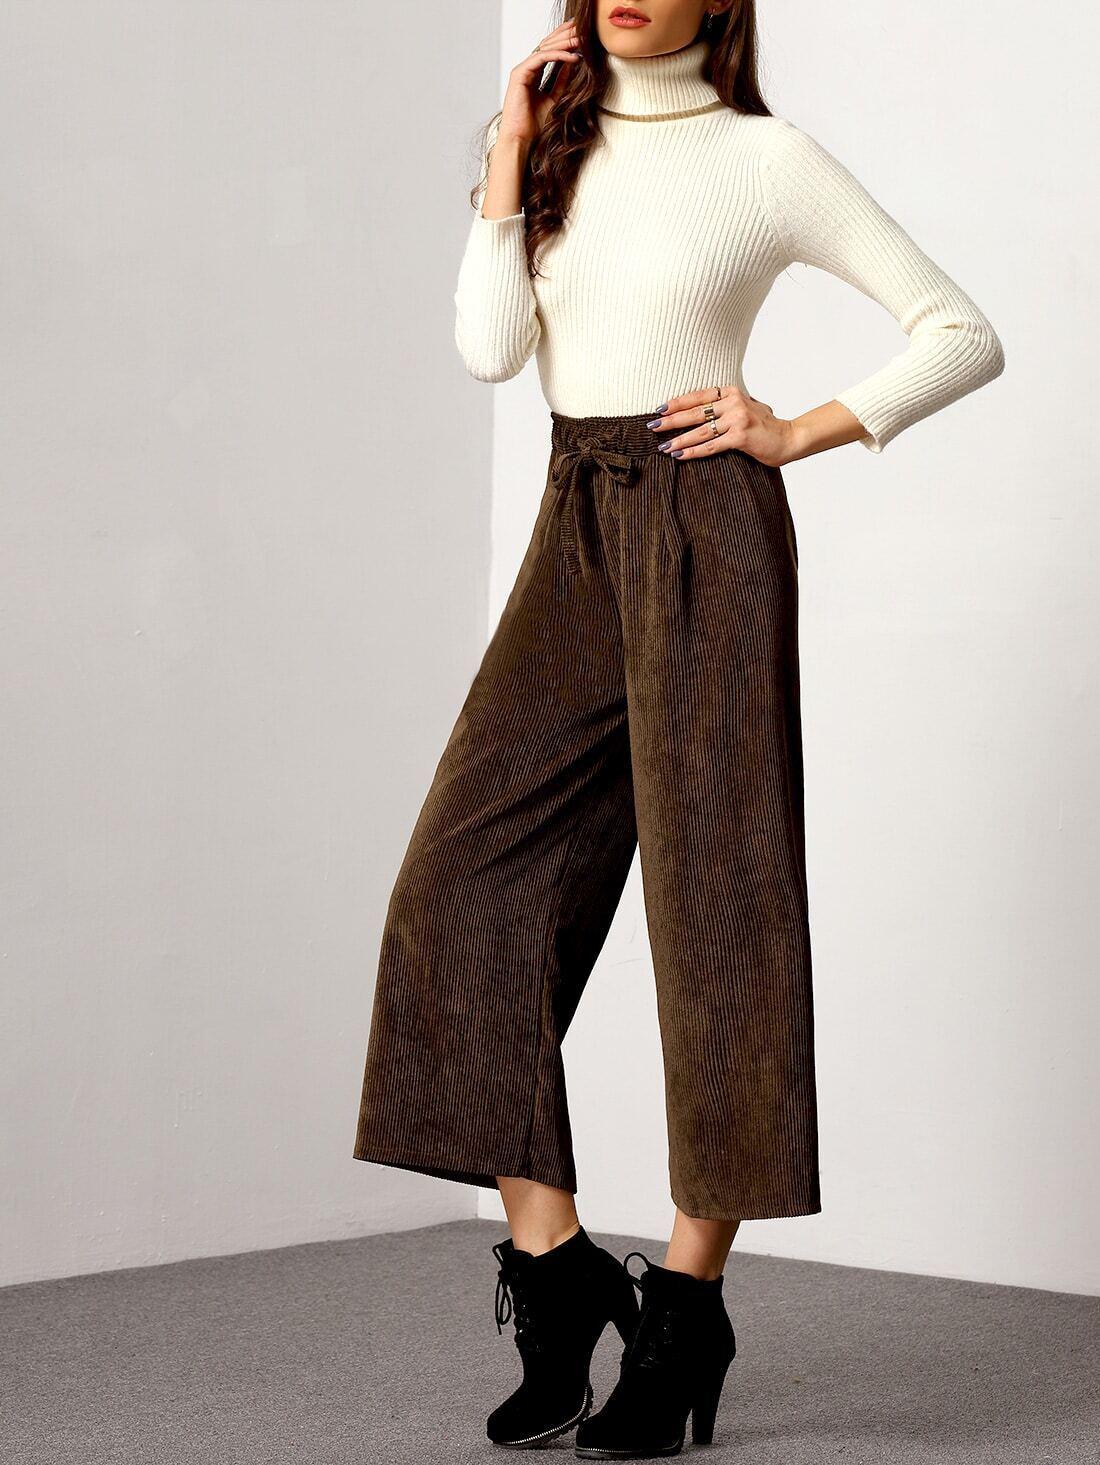 pantalon en velours c tel taille lastique marron. Black Bedroom Furniture Sets. Home Design Ideas